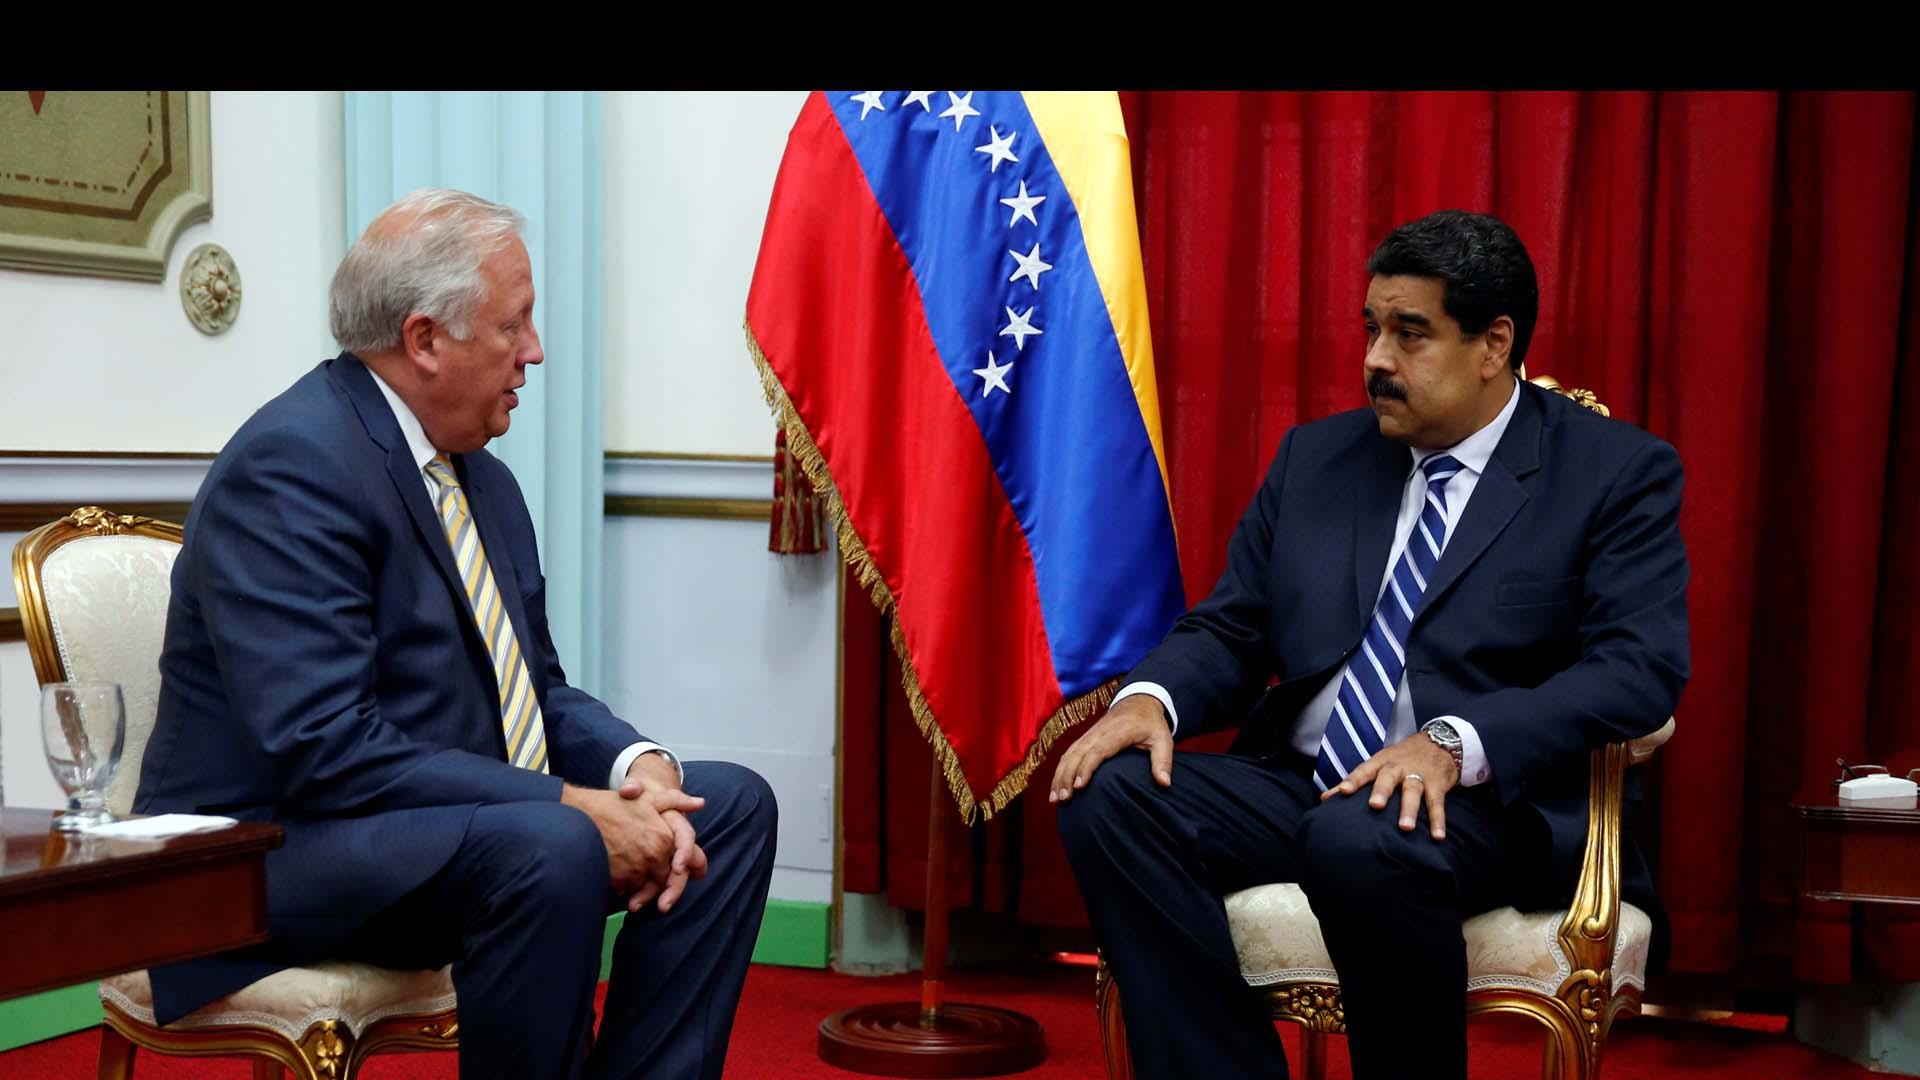 El Ejecutivo ratificó su voluntad de restablecer la cooperación bilateral siempre y cuando se respete la autodeterminación de los pueblos